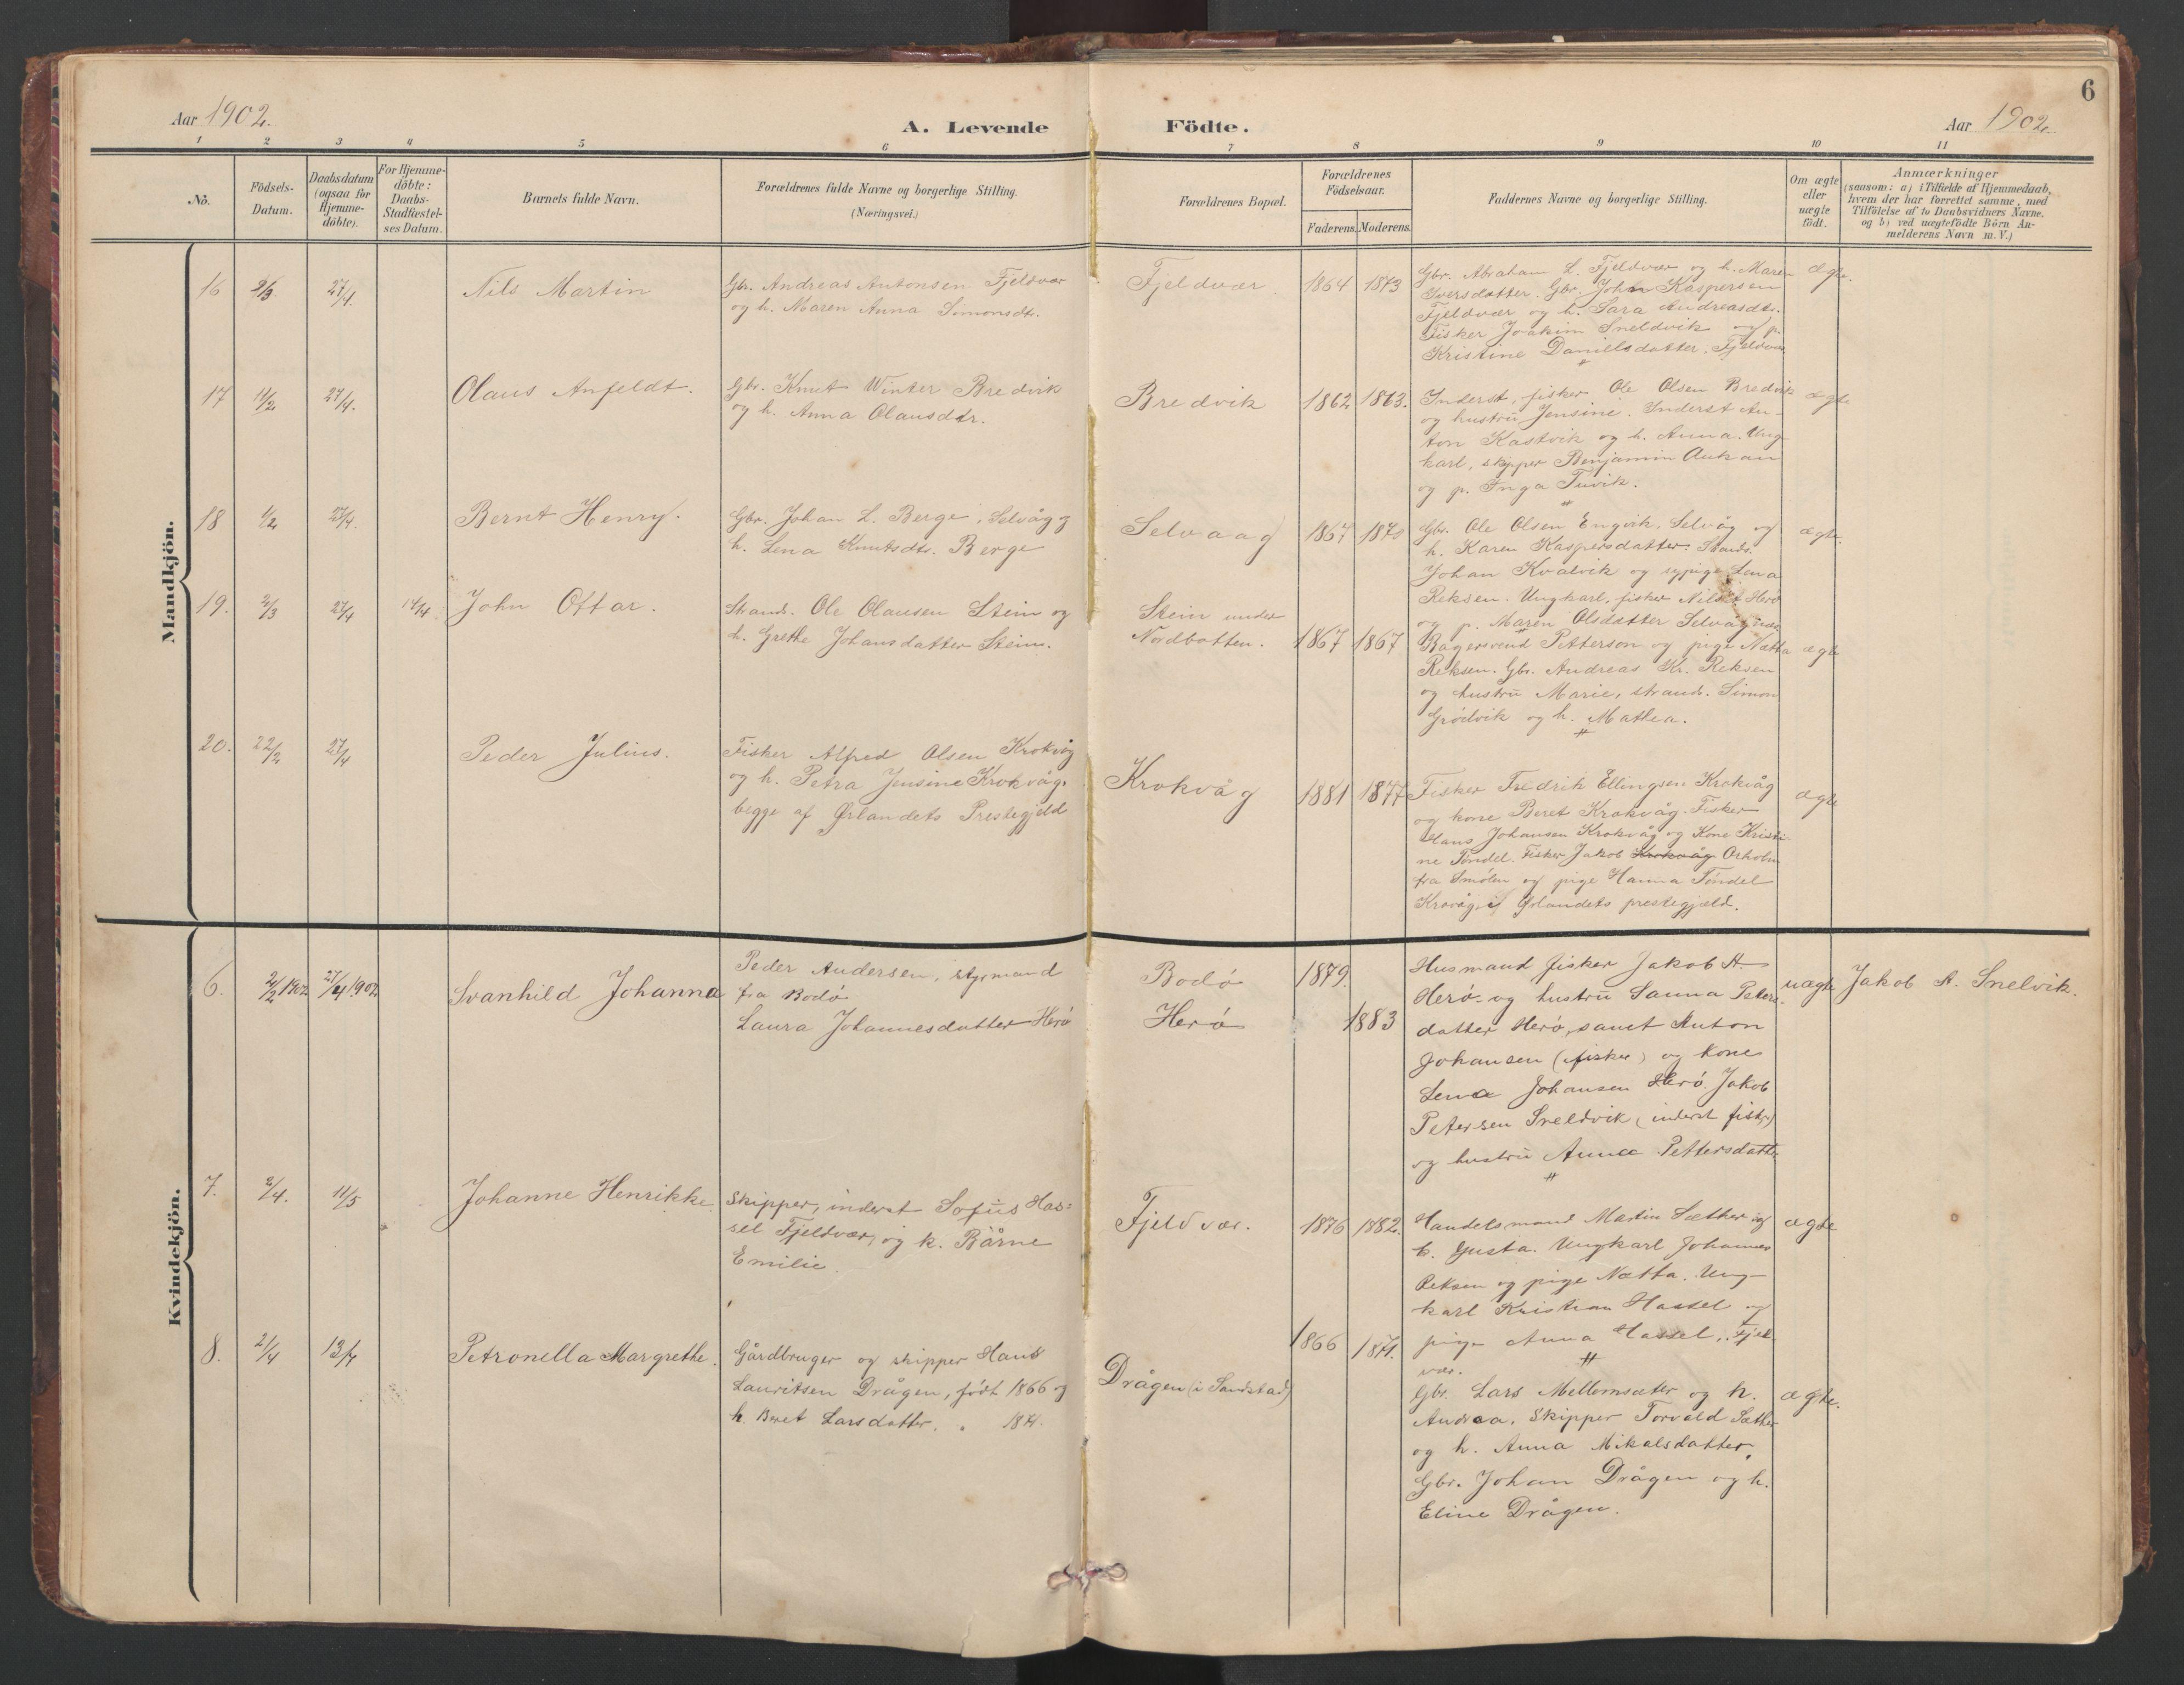 SAT, Ministerialprotokoller, klokkerbøker og fødselsregistre - Sør-Trøndelag, 638/L0571: Klokkerbok nr. 638C03, 1901-1930, s. 6